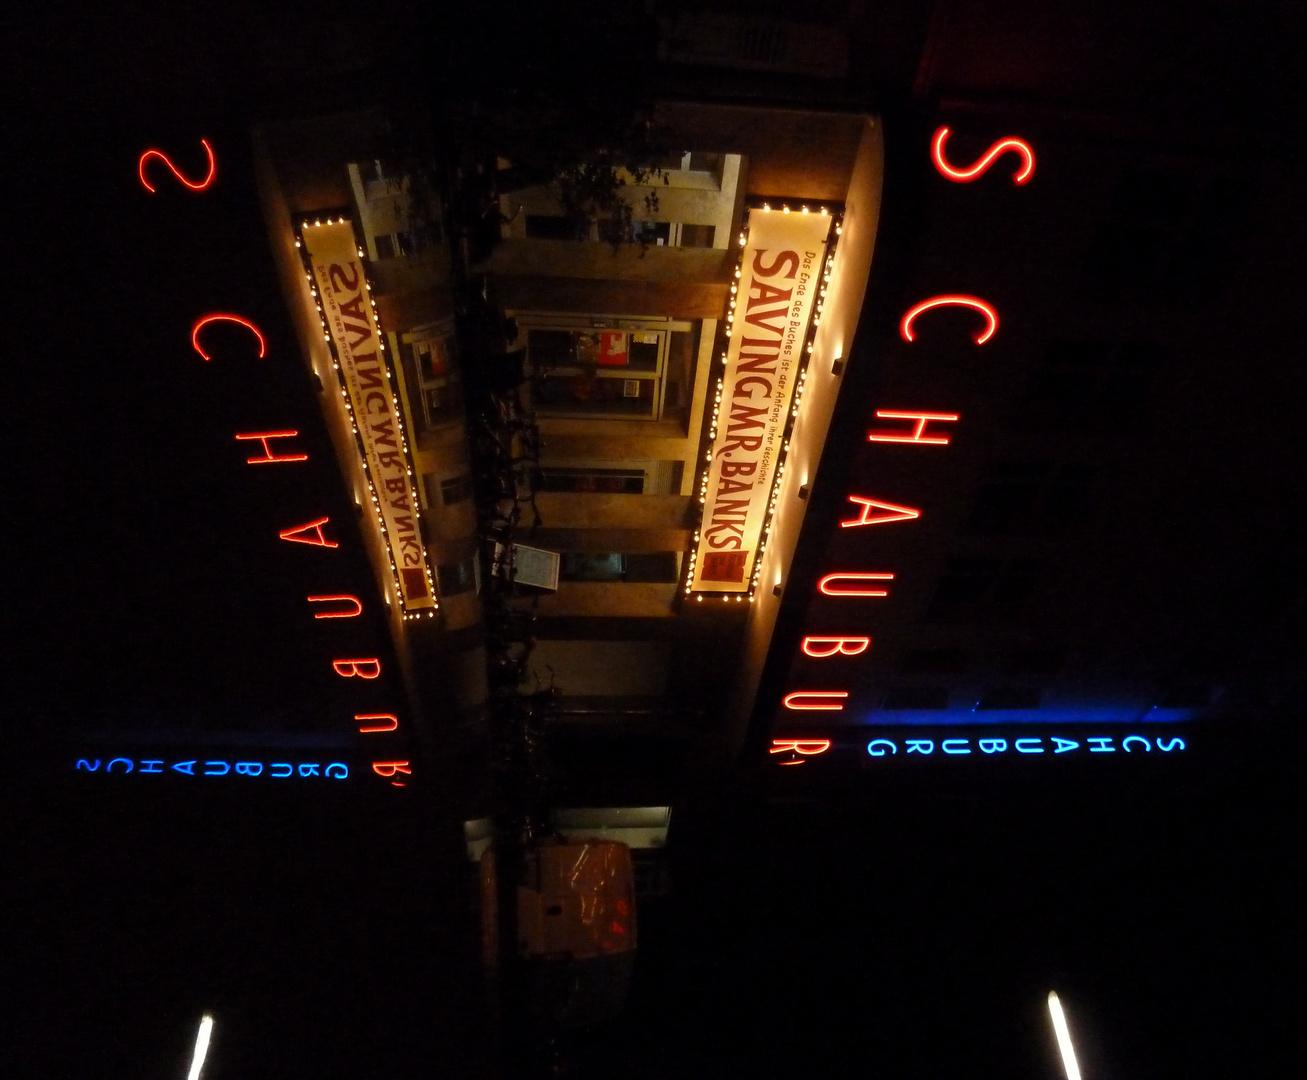 schauburg karlsruhe bei nacht